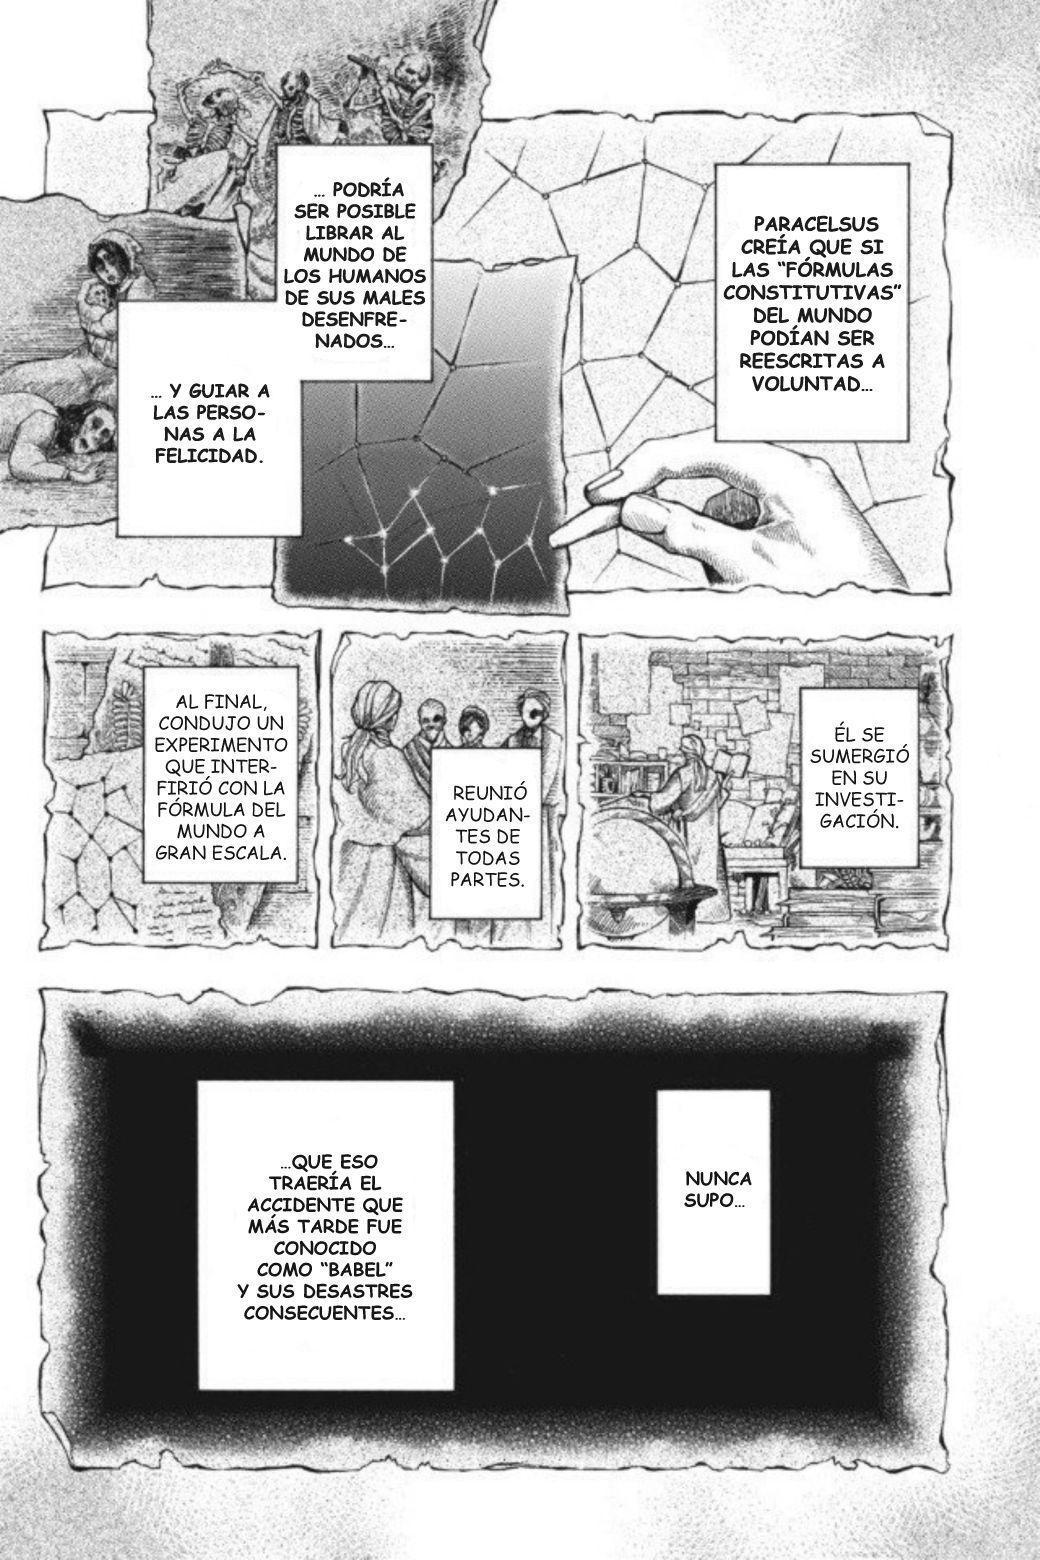 https://c5.ninemanga.com/es_manga/48/18672/478200/2bae64ccc29ba96c677016f9588ff66e.jpg Page 3